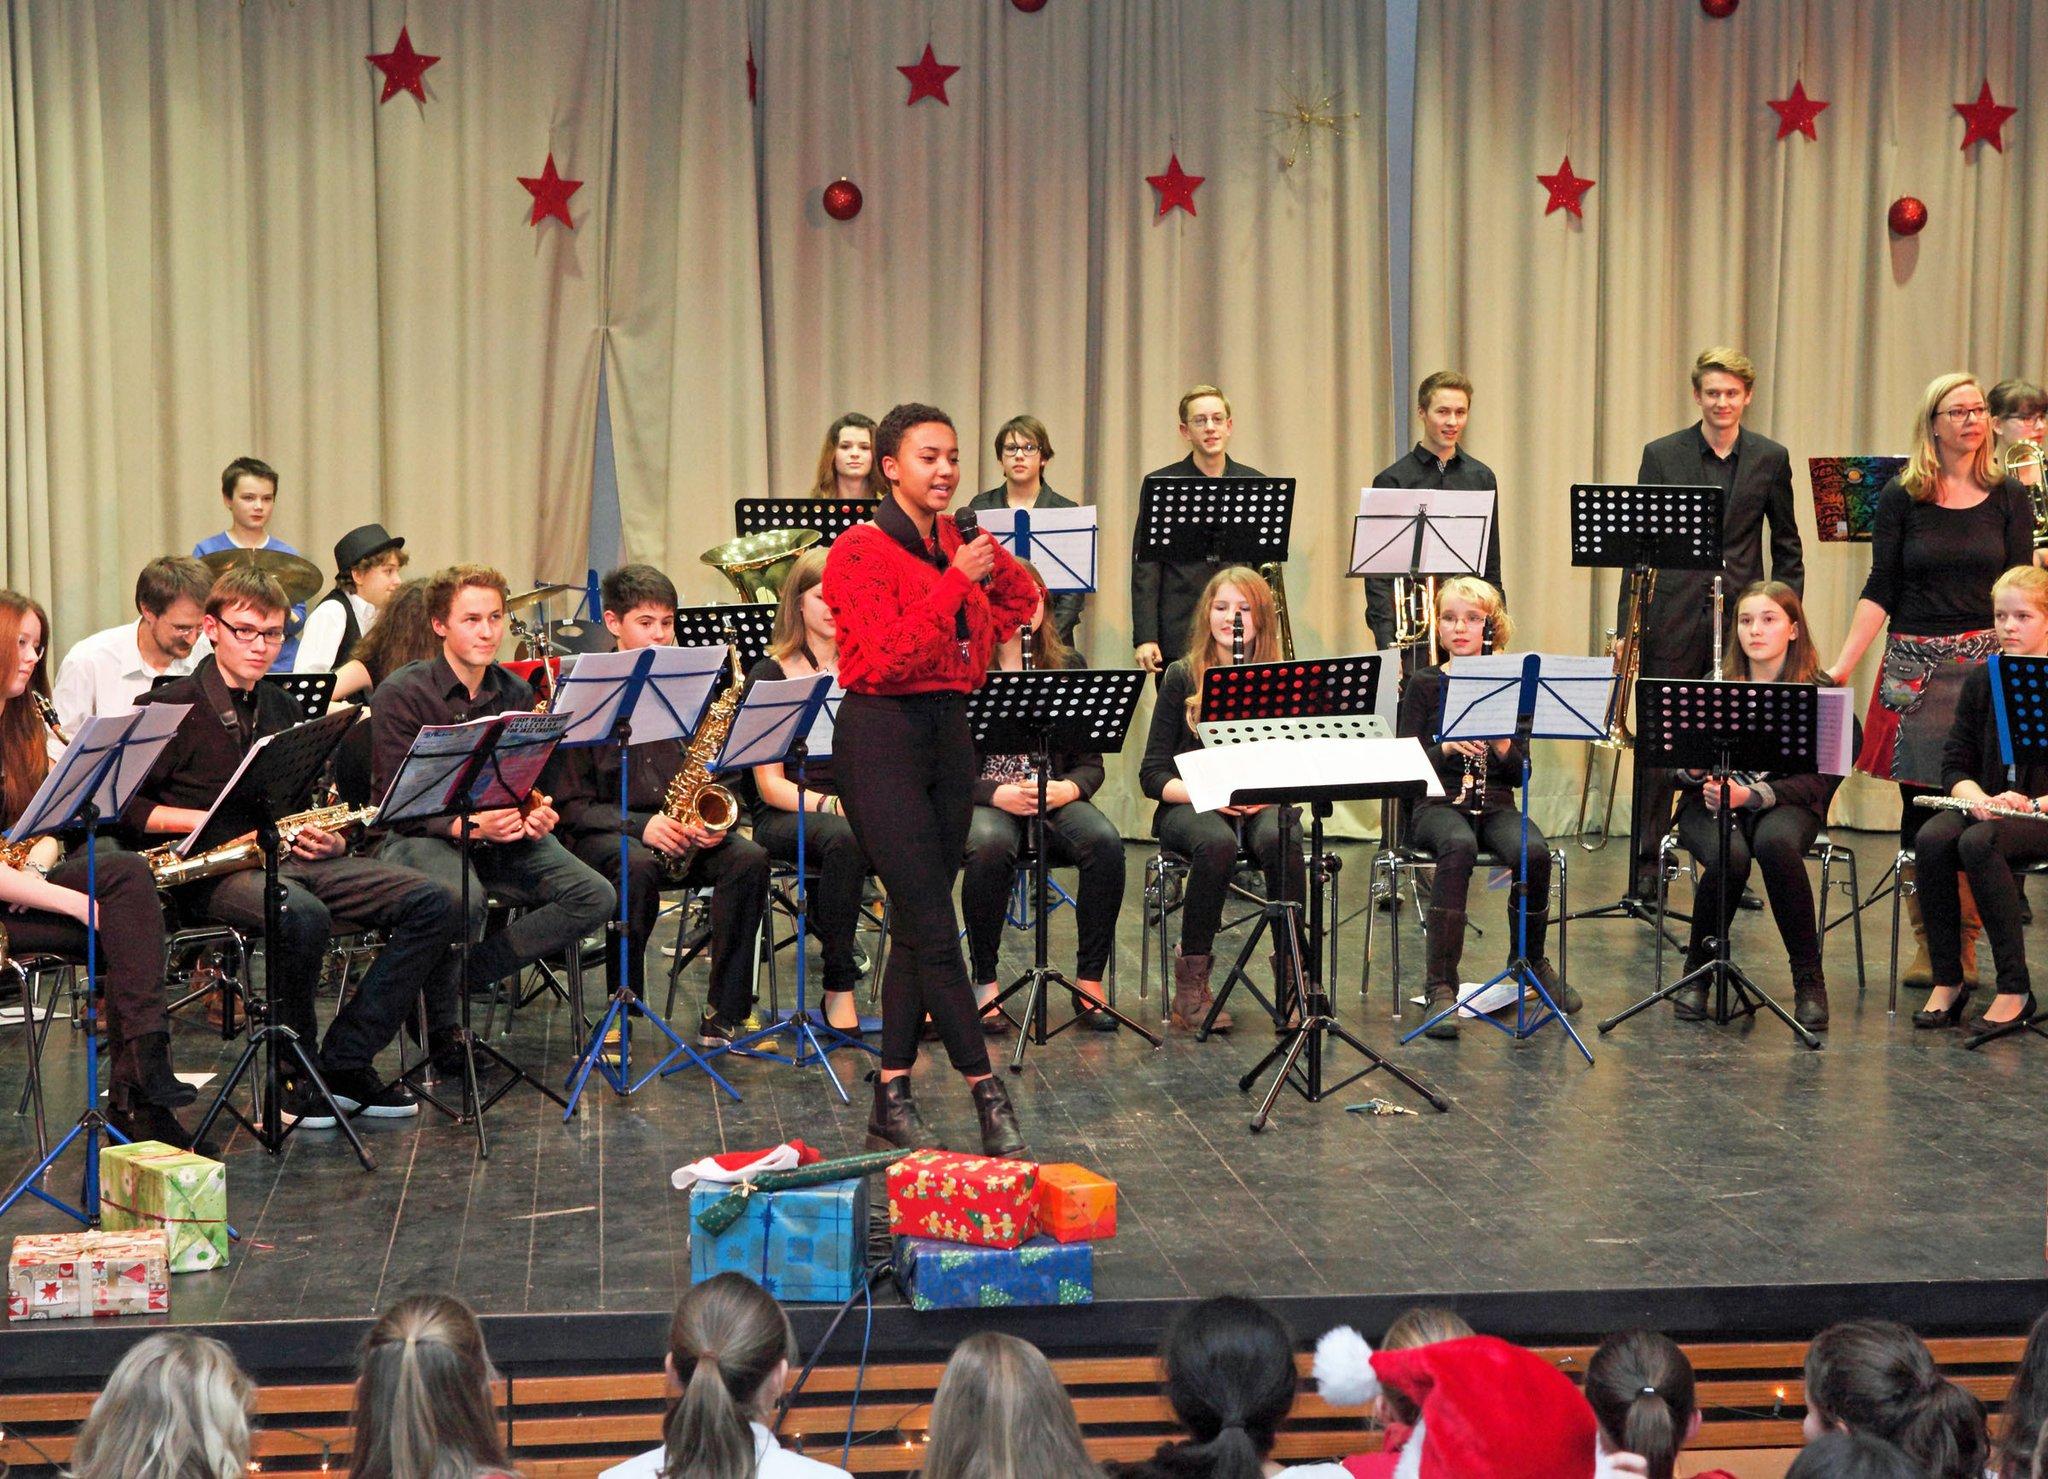 Super beeindruckendes Weihnachtskonzert am Gymnasium Letmathe - Iserlohn